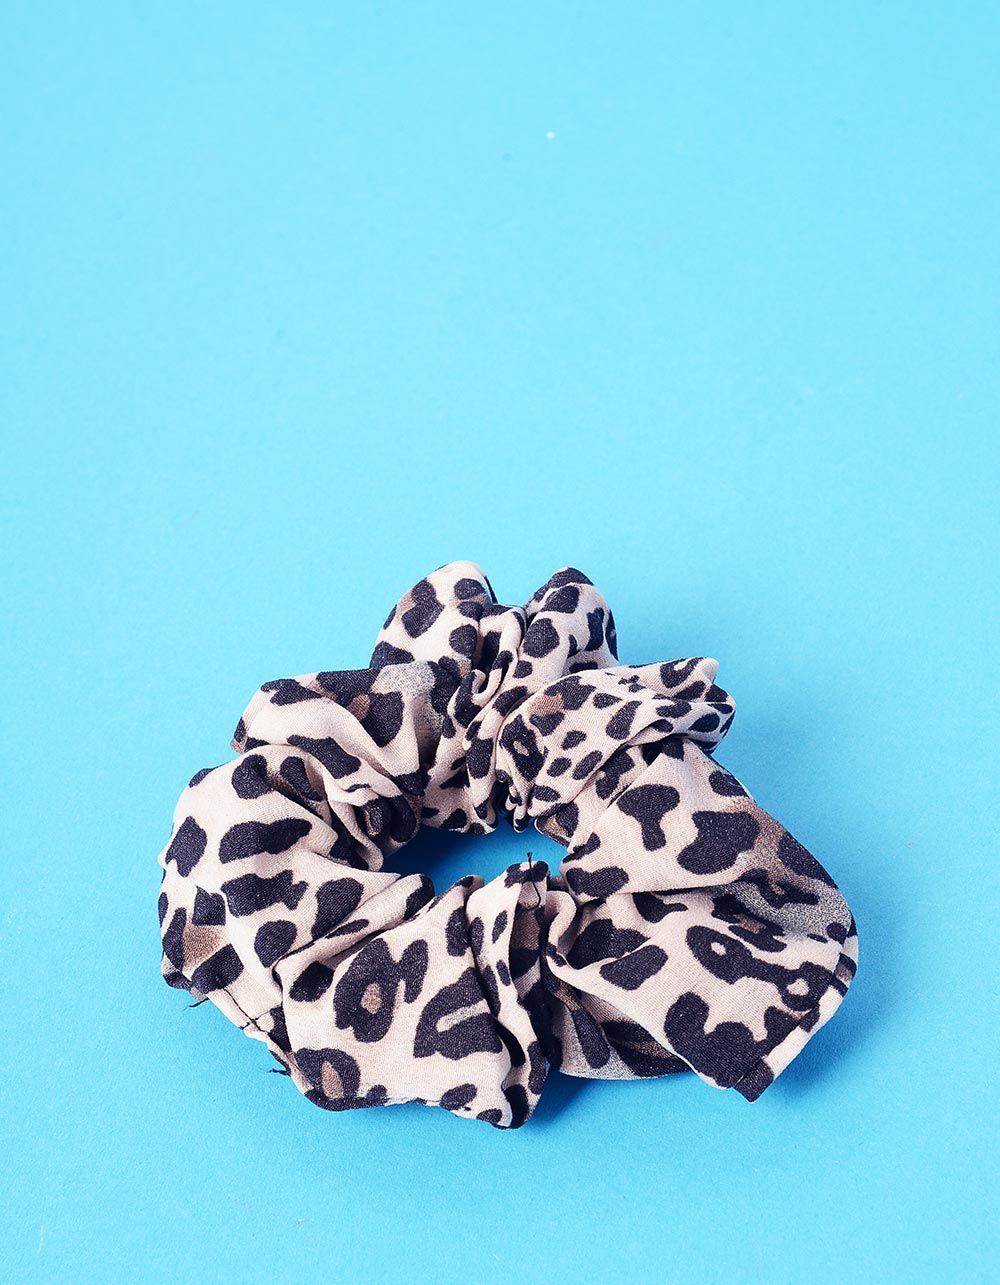 Резинка для волосся з леопардовим принтом | 237679-22-XX